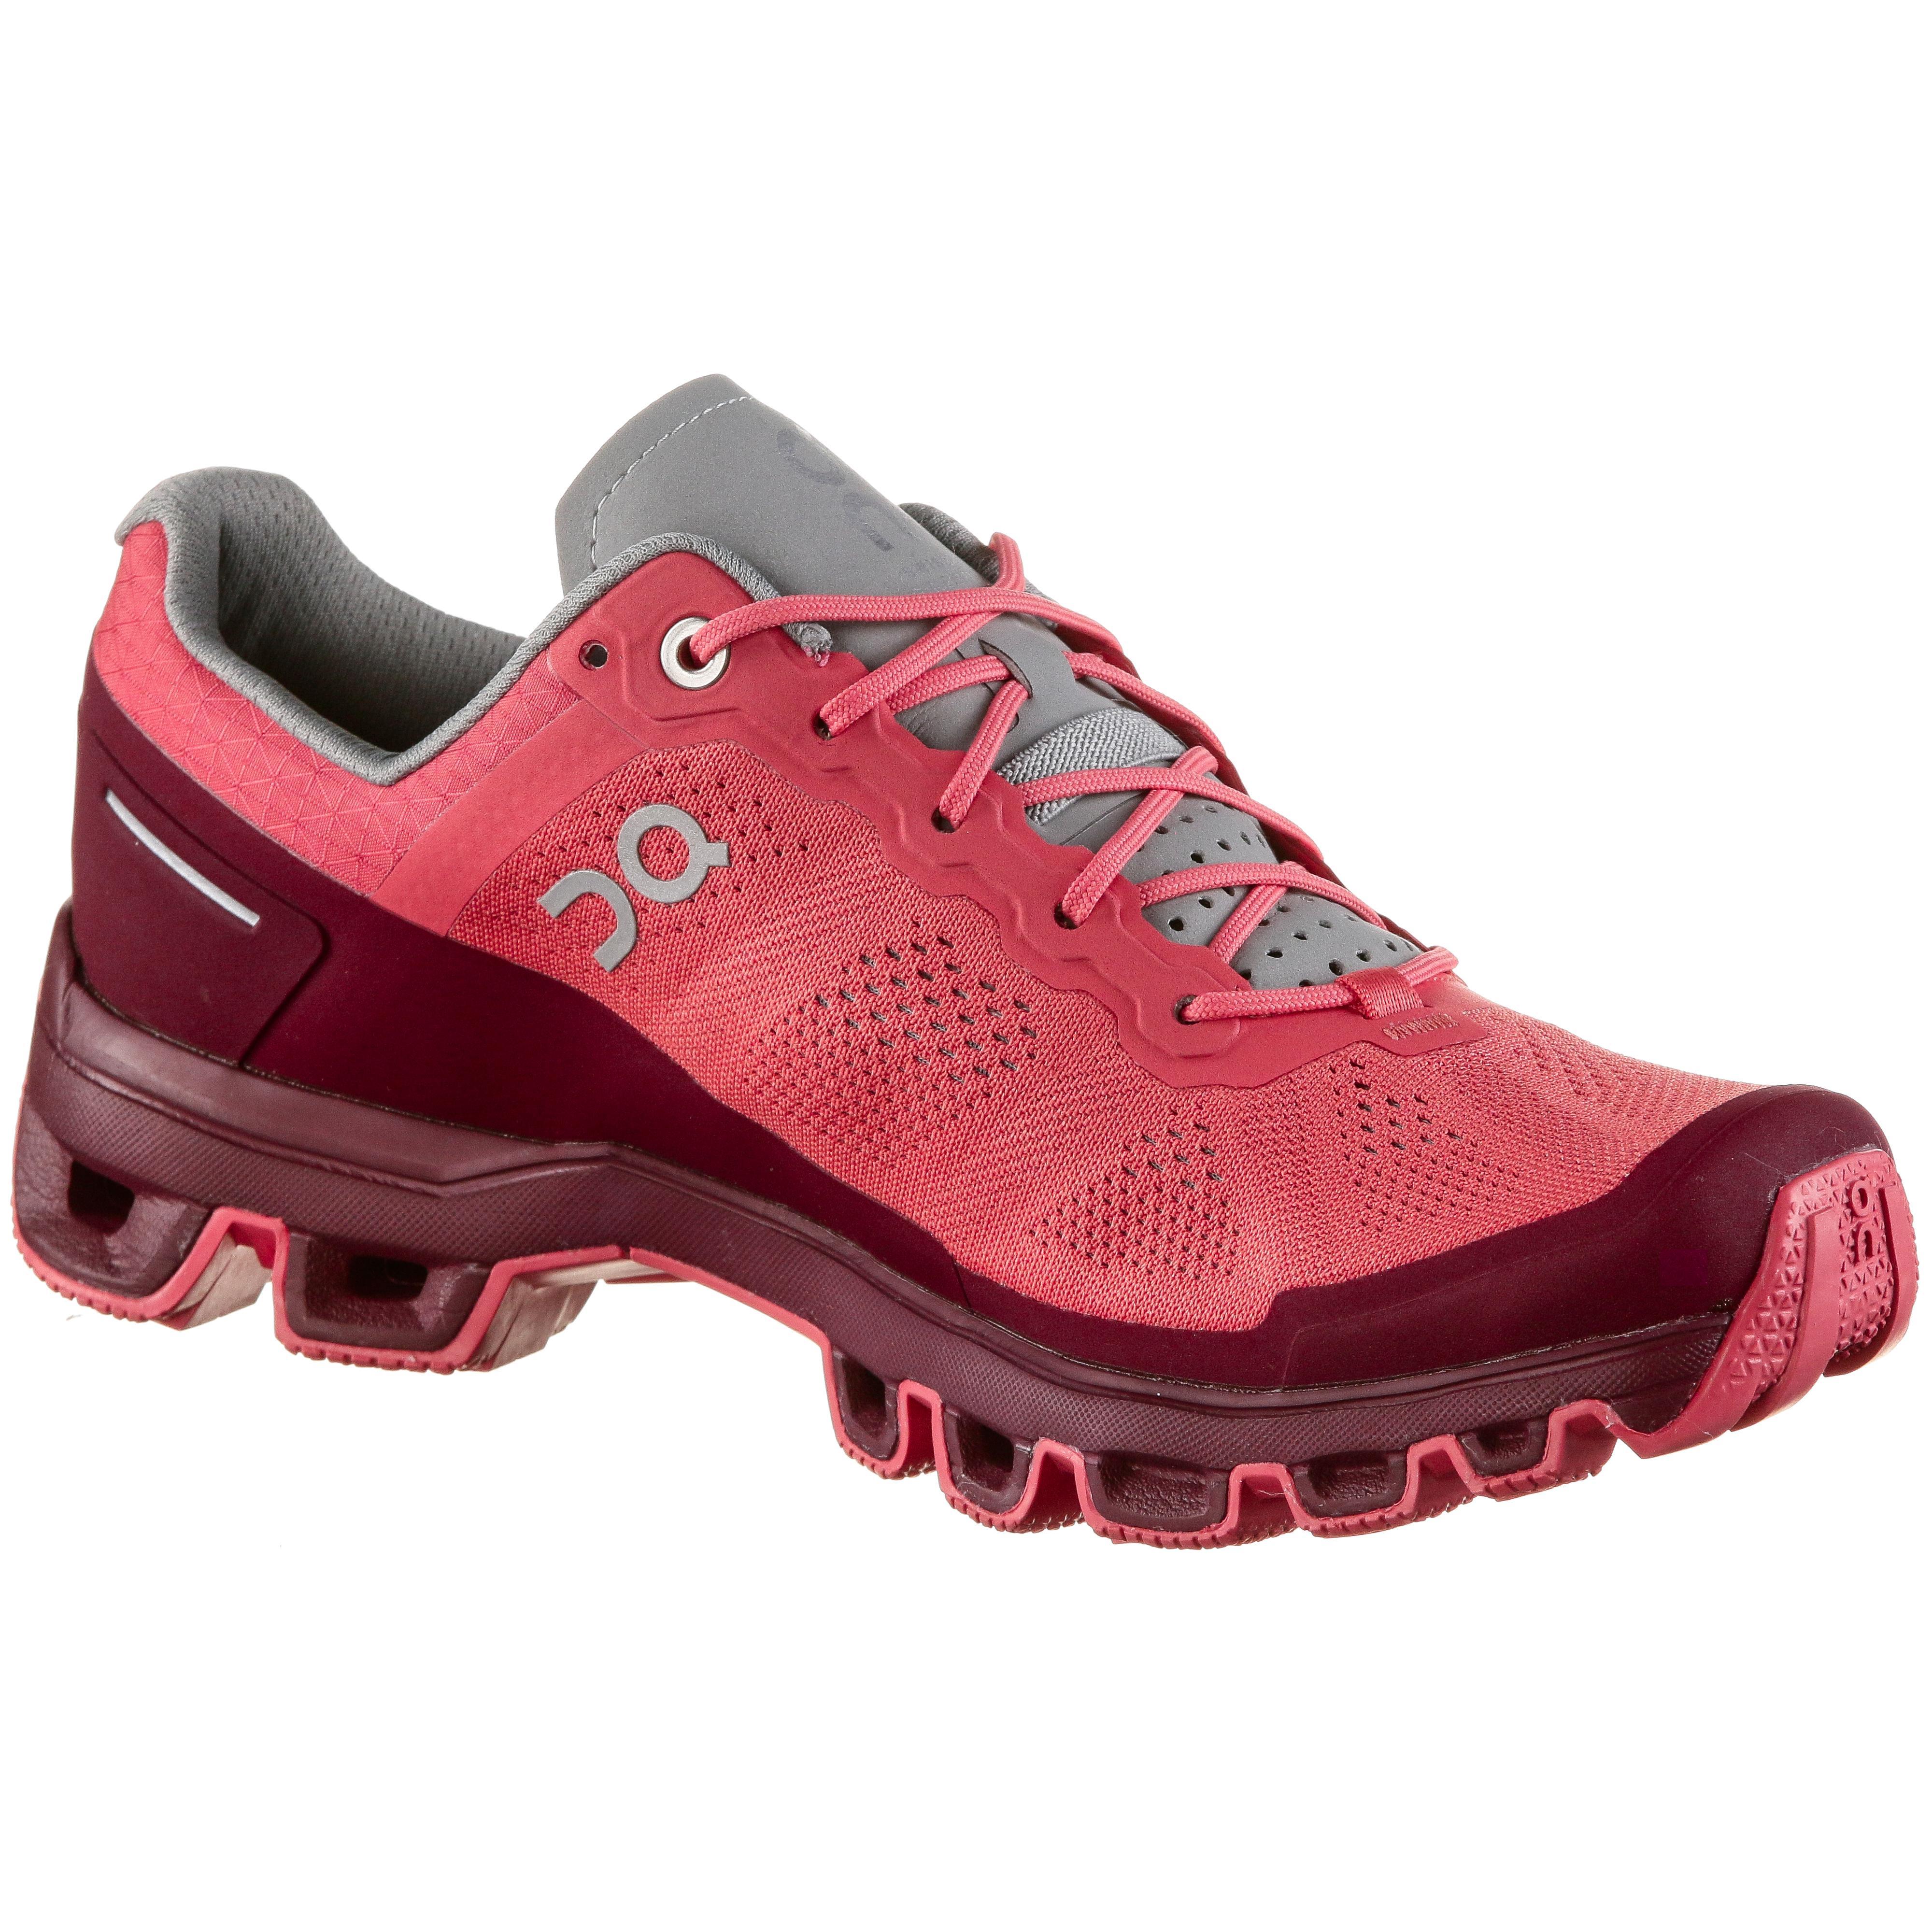 ON ON ON CLOUDVENTURE Laufschuhe Damen coral-mulberry im Online Shop von SportScheck kaufen Gute Qualität beliebte Schuhe c68200